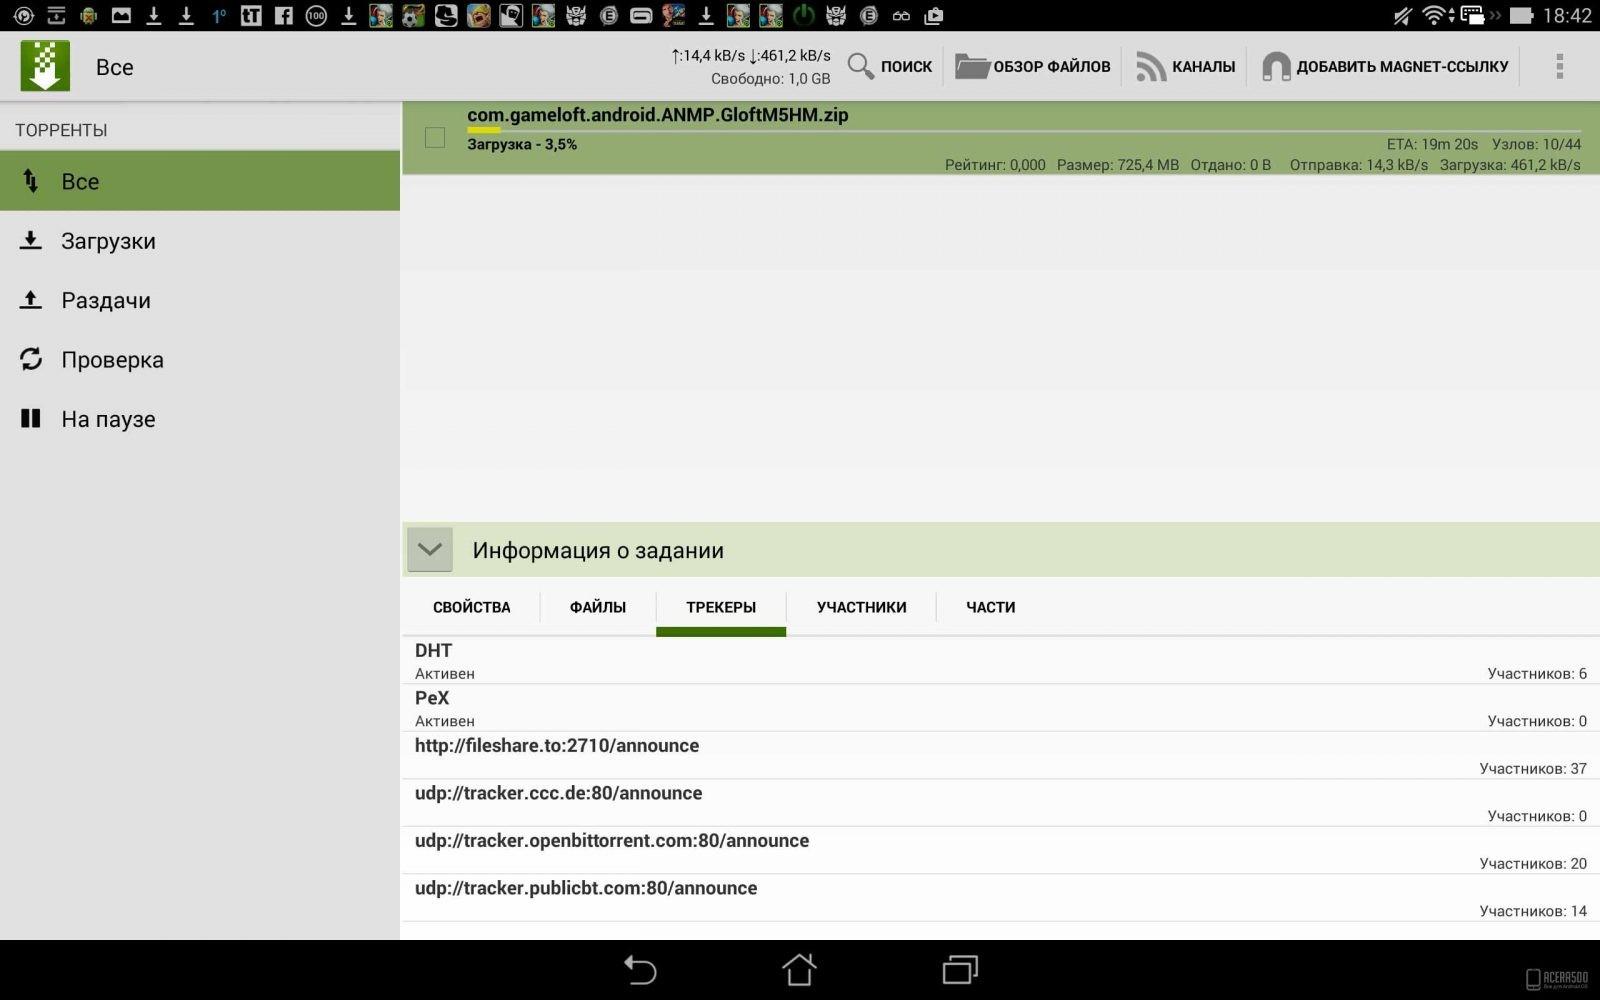 Загрузка файла в торрент клиенте